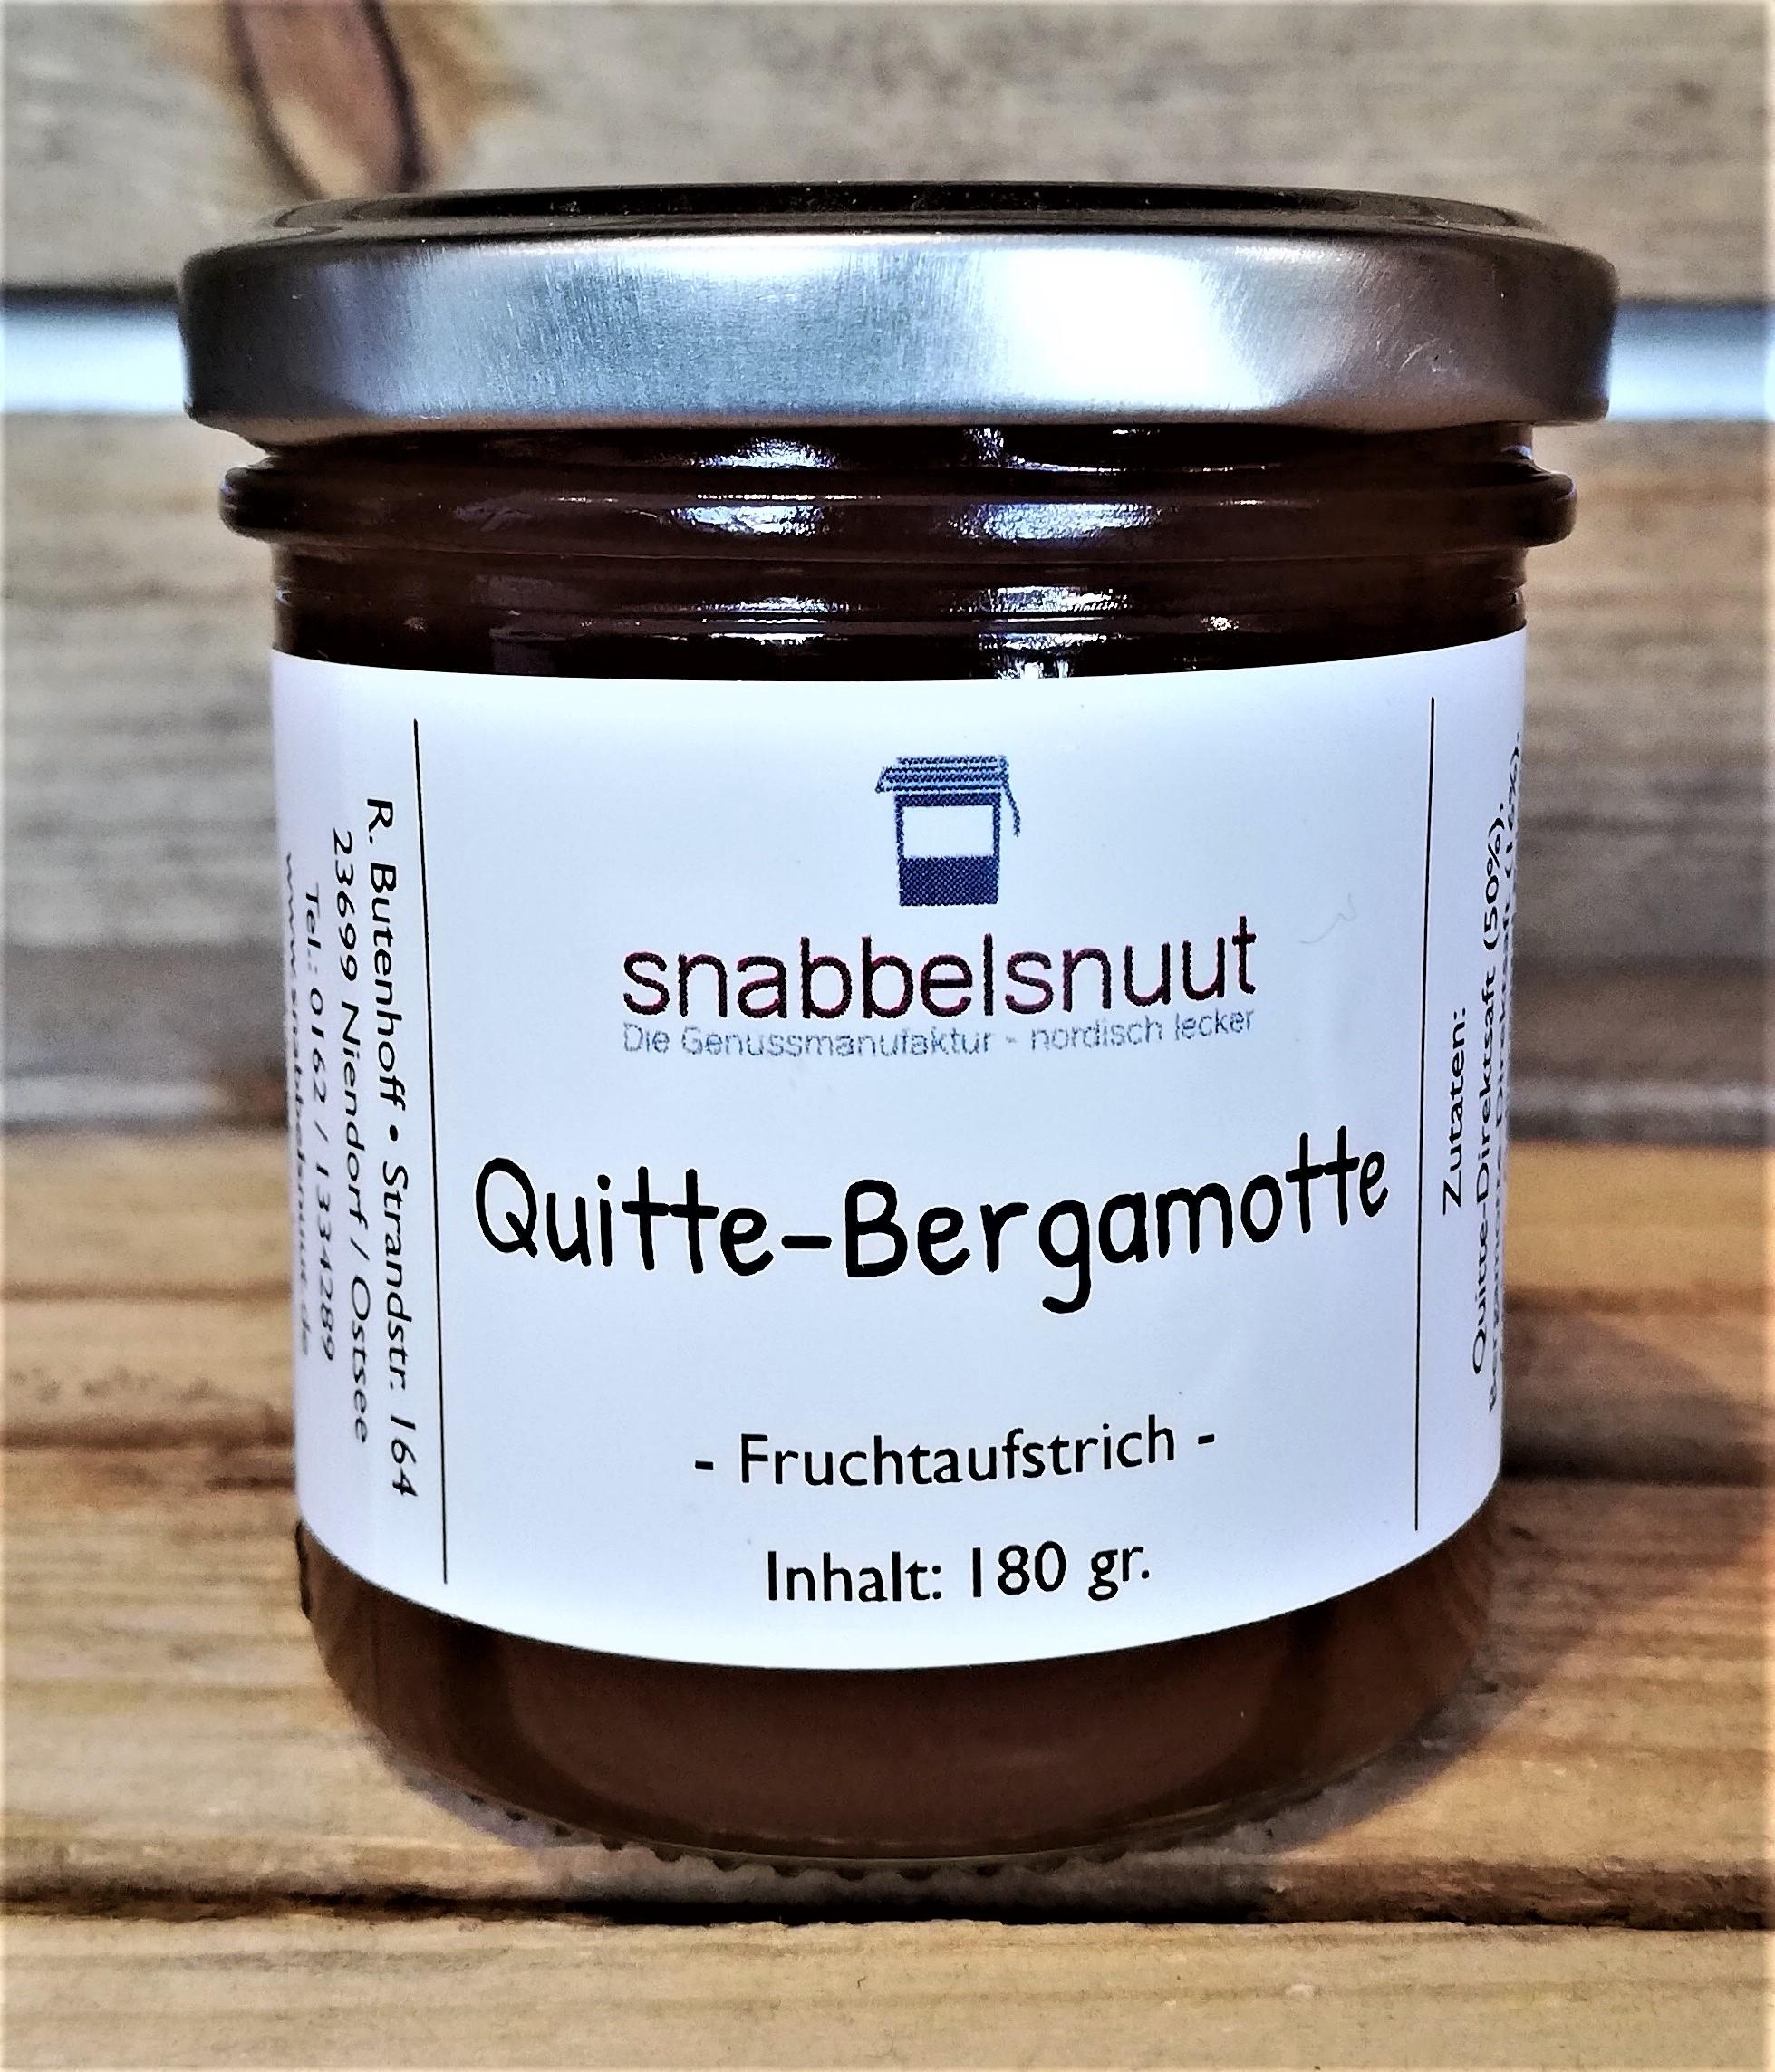 Quitte-Bergamotte